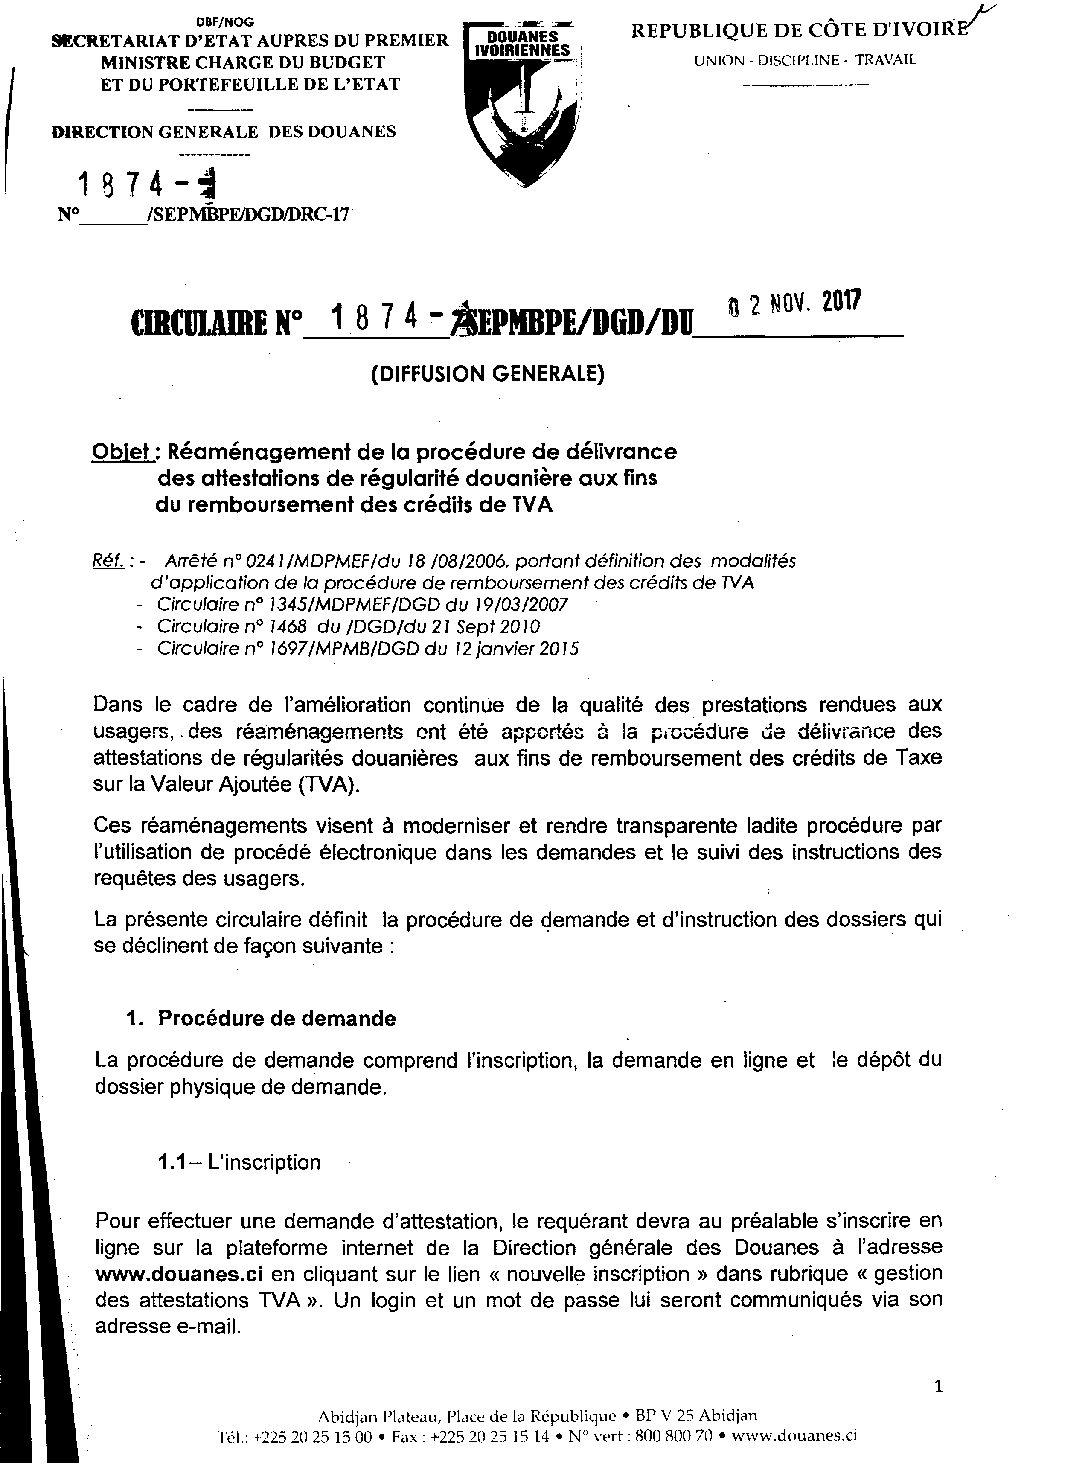 Circulaire 1874 du 02 novembre 2017 portant réaménagement procédure délivrance attestations régularité douanière